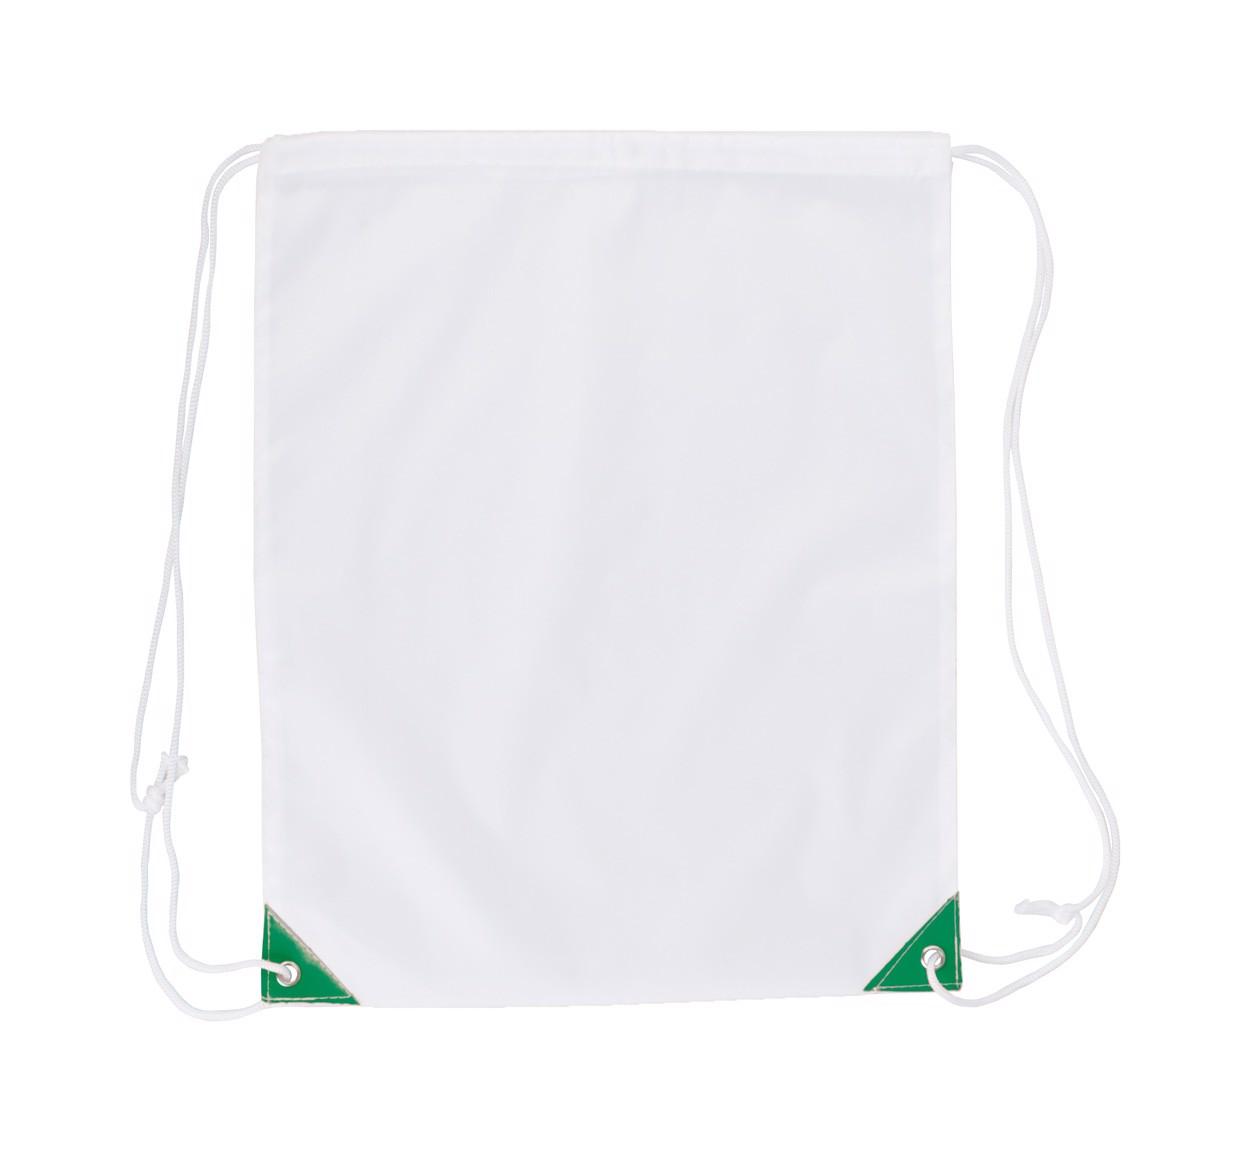 Drawstring Bag Nofler - White / Green